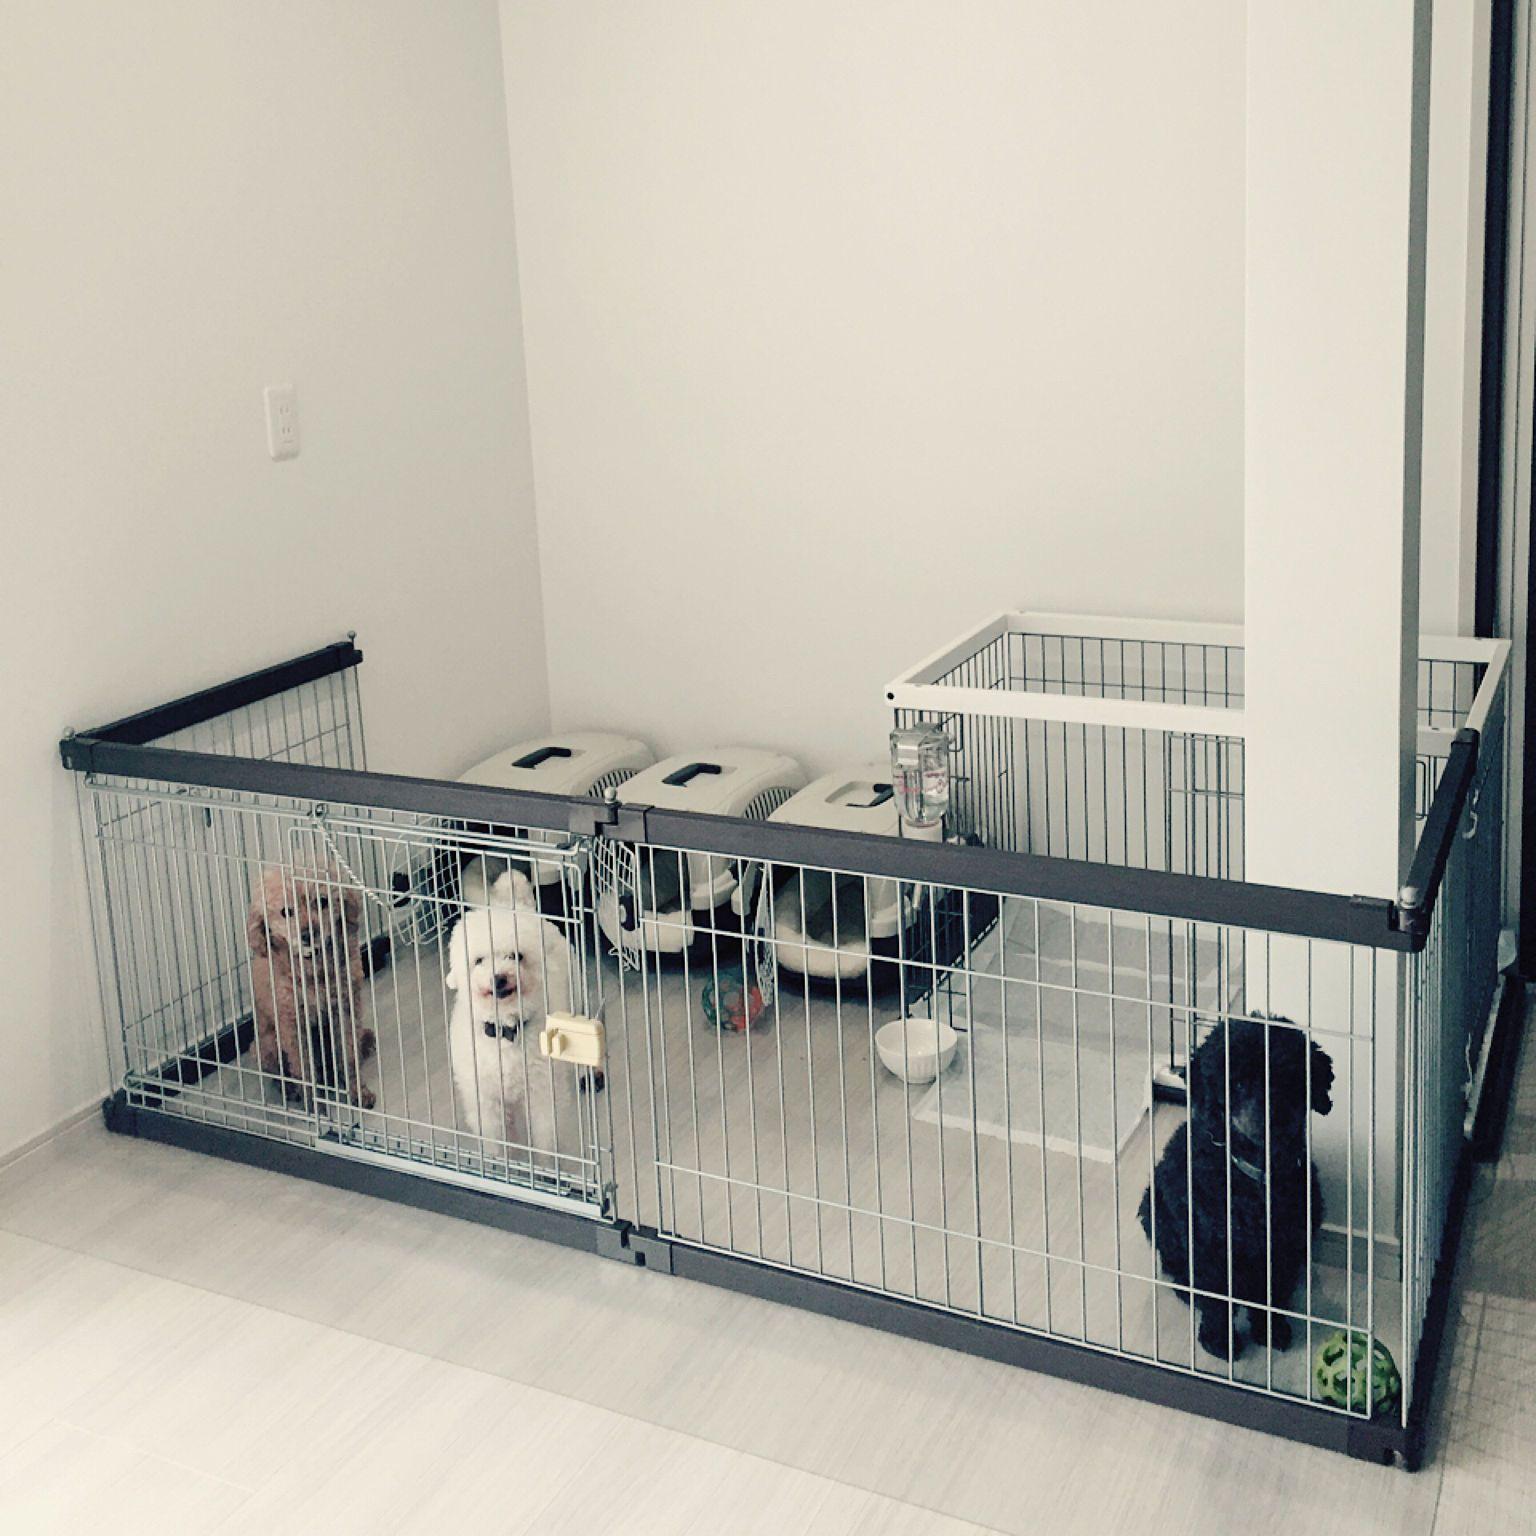 リビング リフォーム 増築 多頭飼い ワンコスペース などのインテリア実例 2017 11 04 15 12 52 Roomclip ルームクリップ 犬のケージアイデア 犬の部屋 犬のスペース